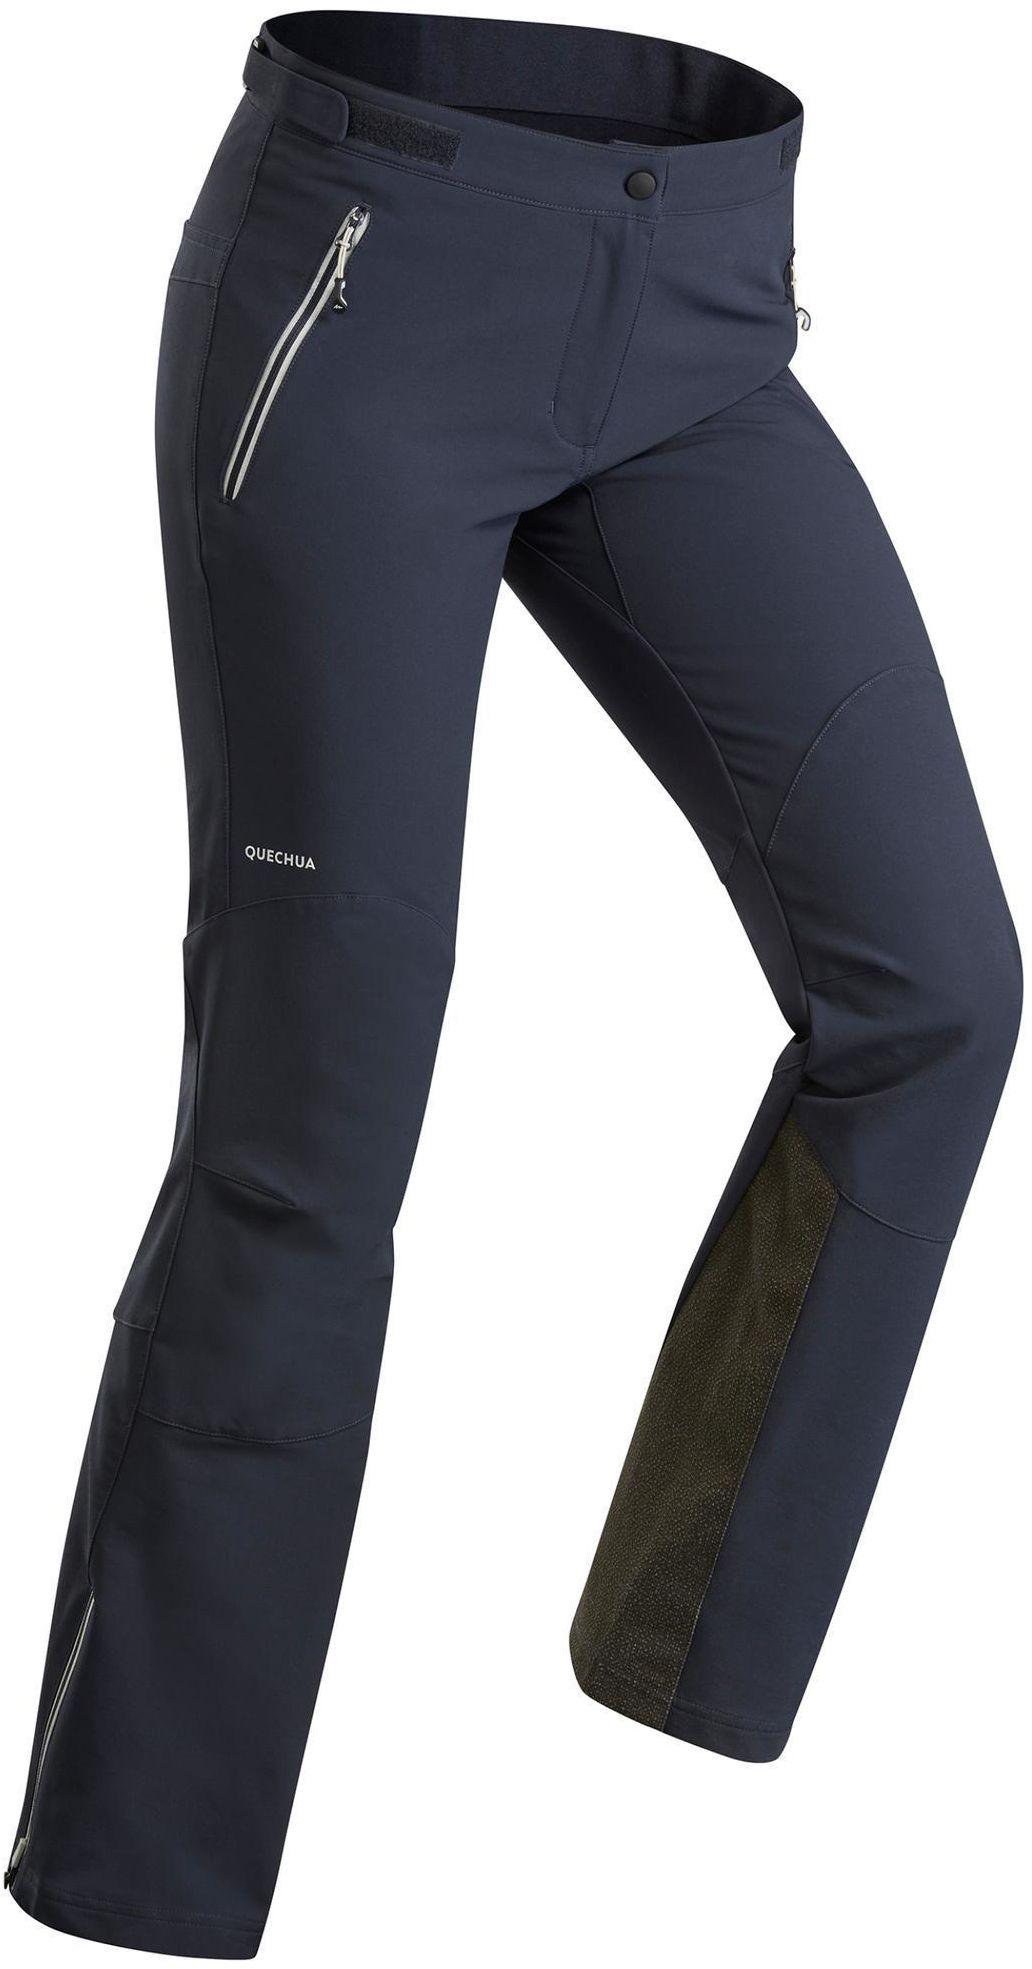 Spodnie turystyczne damskie Quechua SH900 x-Warm